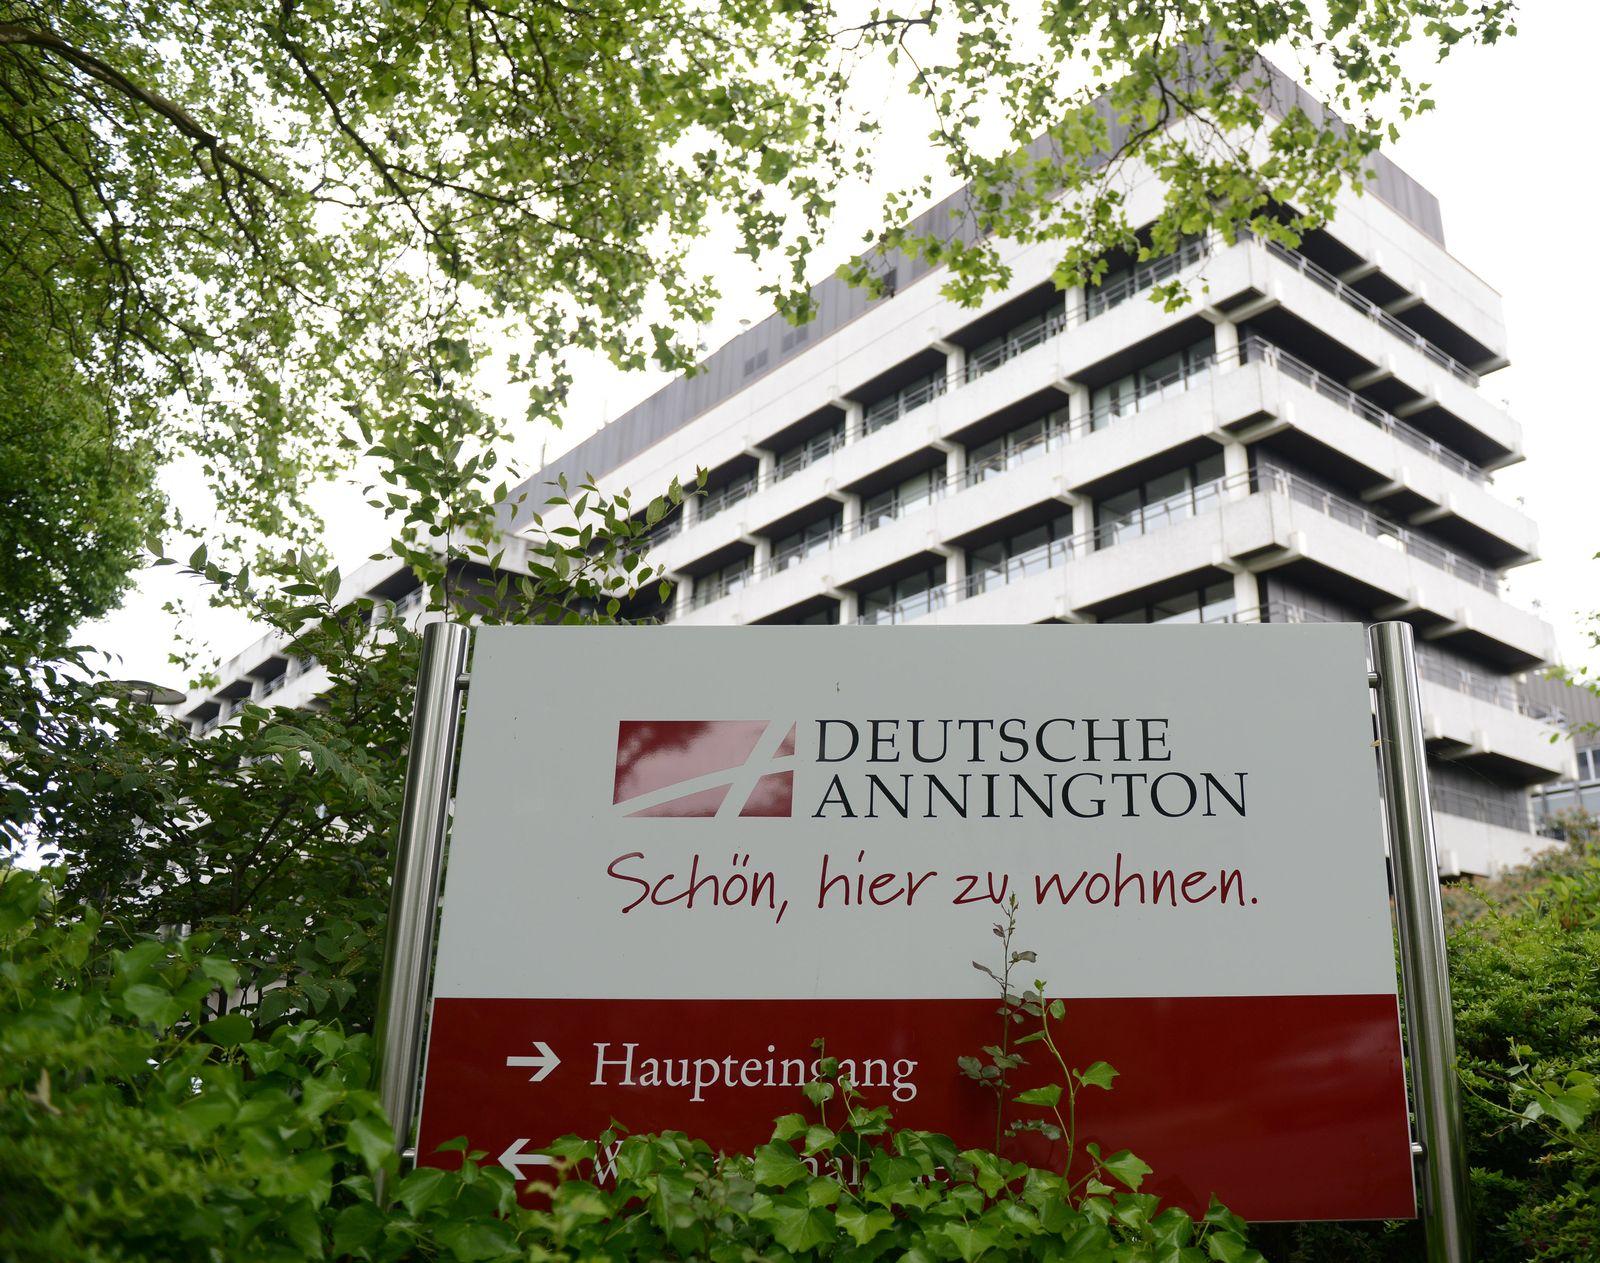 Deutsche Annington startet an der Börse